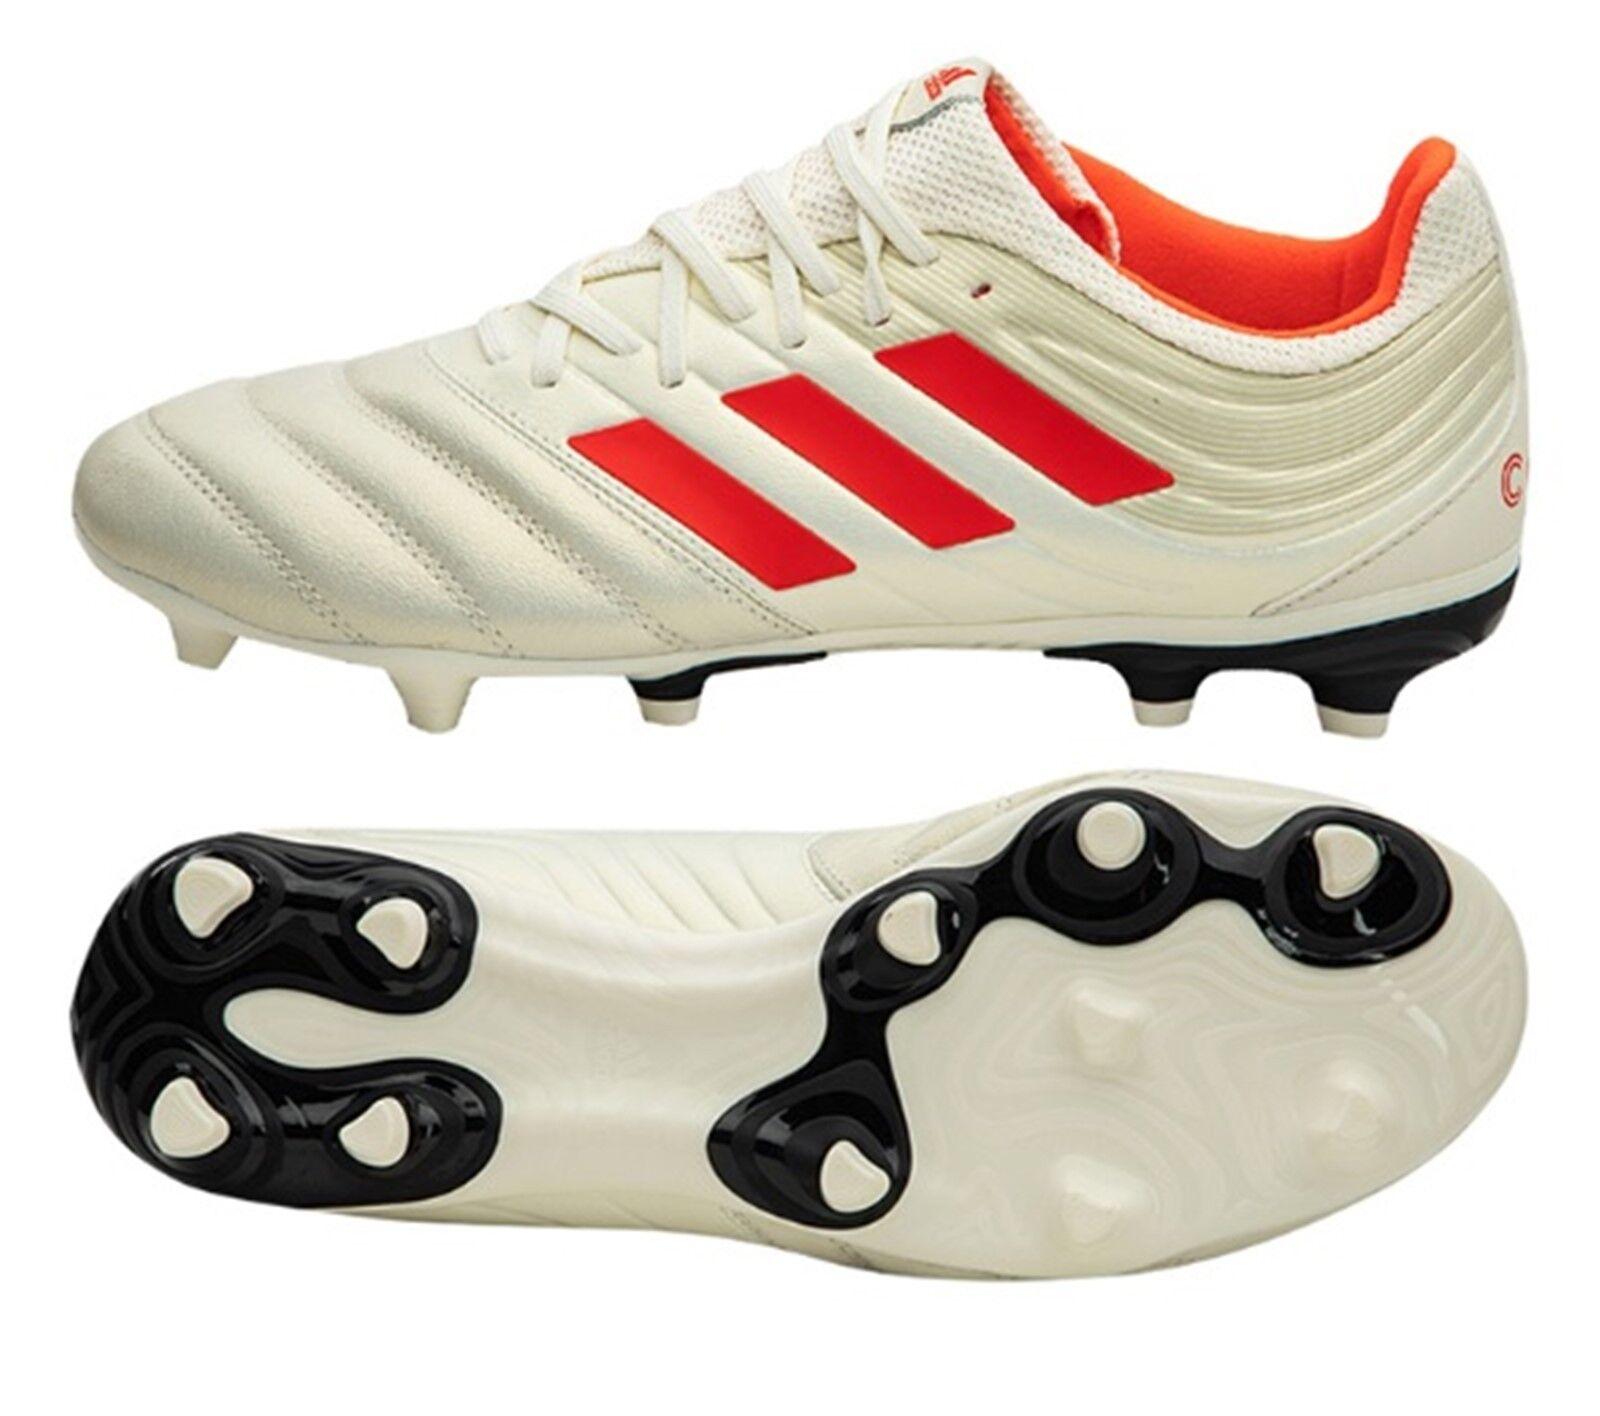 Adidas Hombres Botines De Fútbol Copa 19.3 Fg Fútbol Zapatos Bota Spike BB9187 blancoo